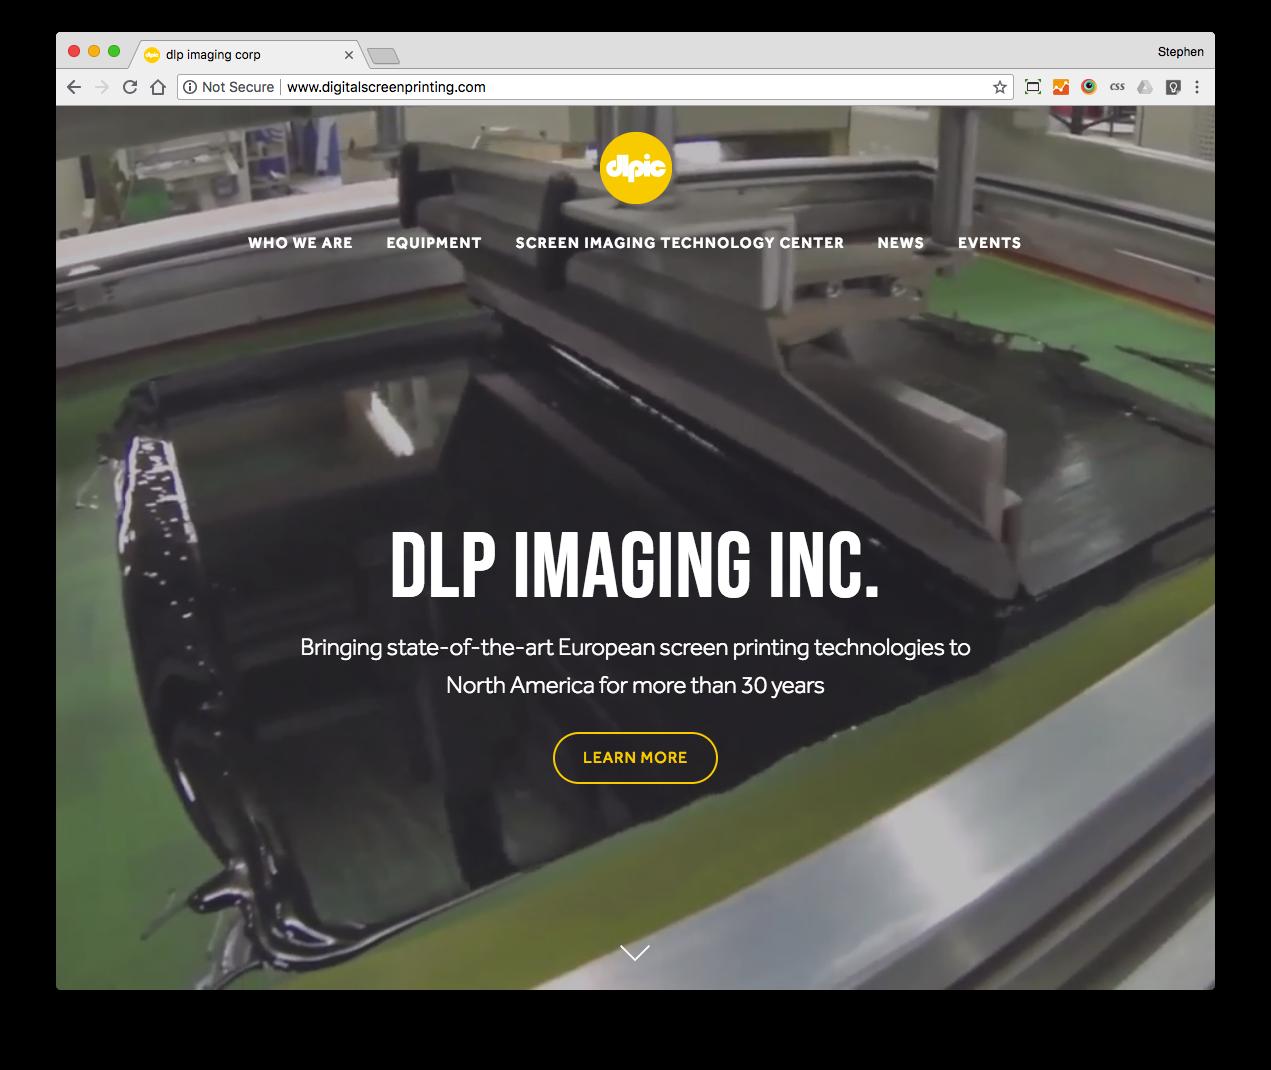 DLP Imaging Inc.